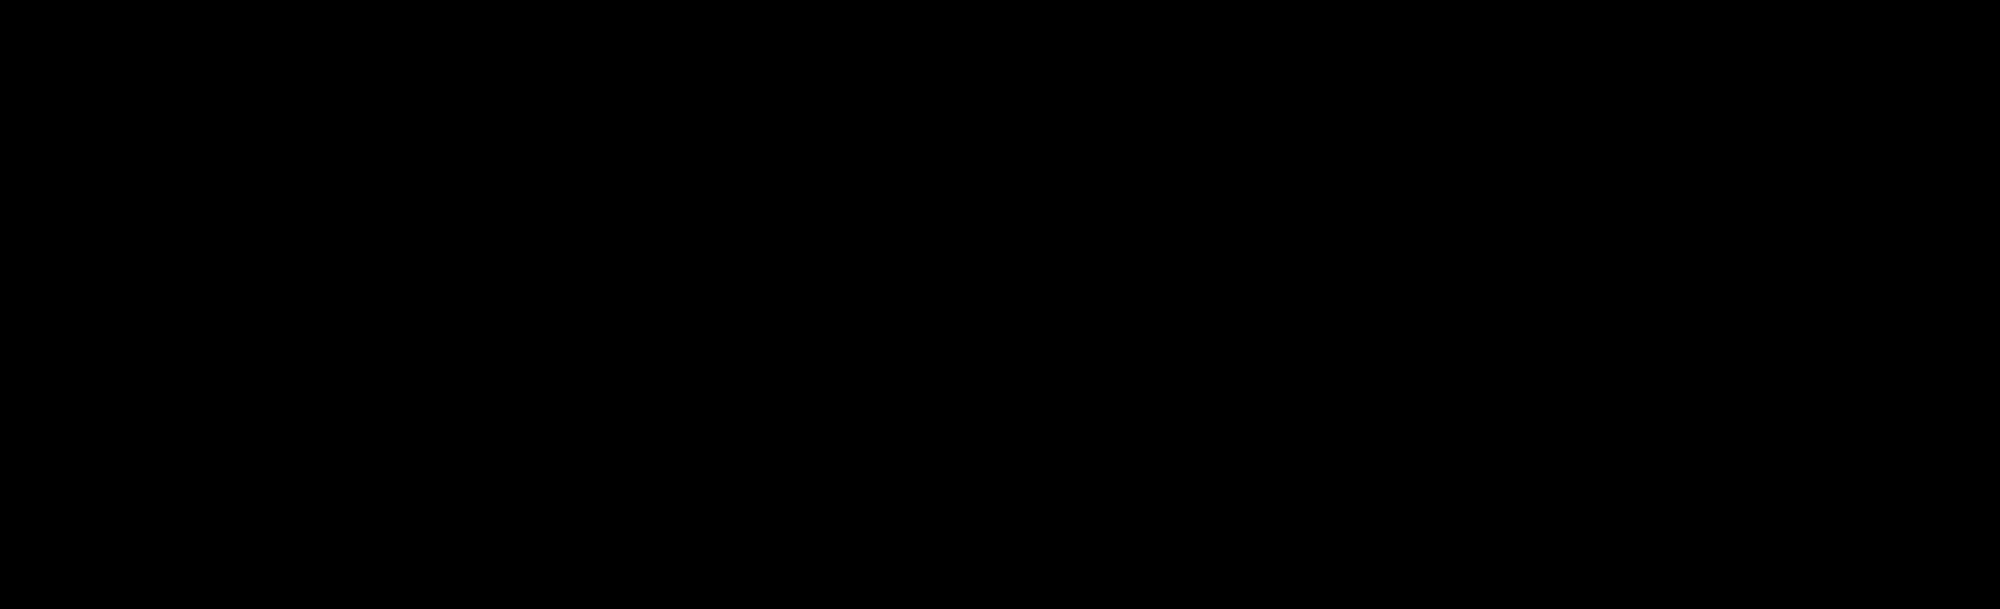 BSides Flood City-logo (1).png